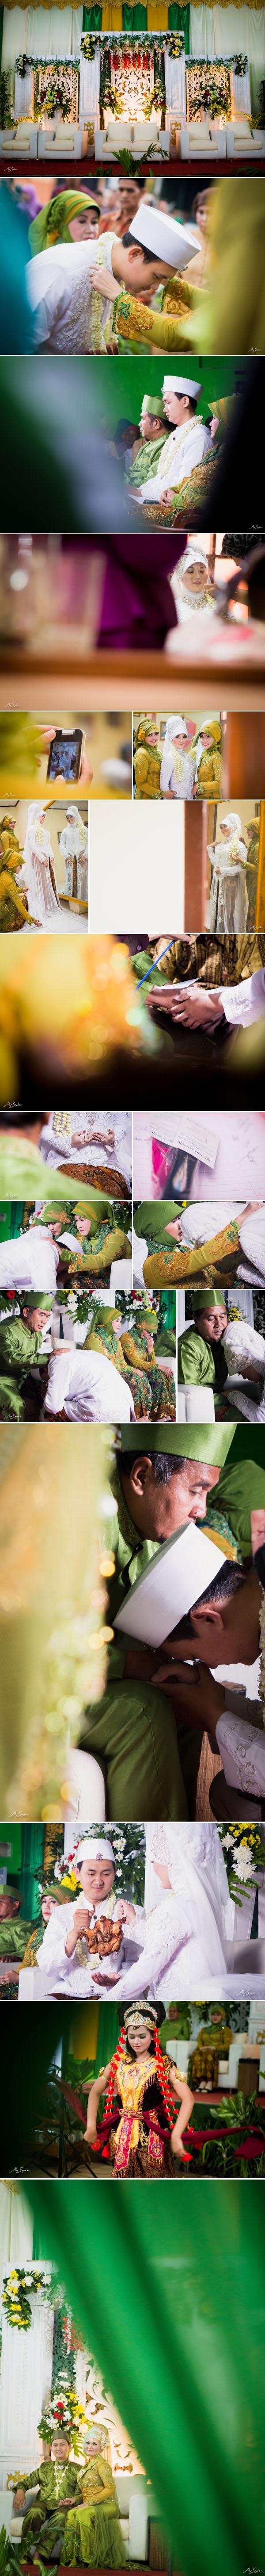 Wedding Tasikmalaya